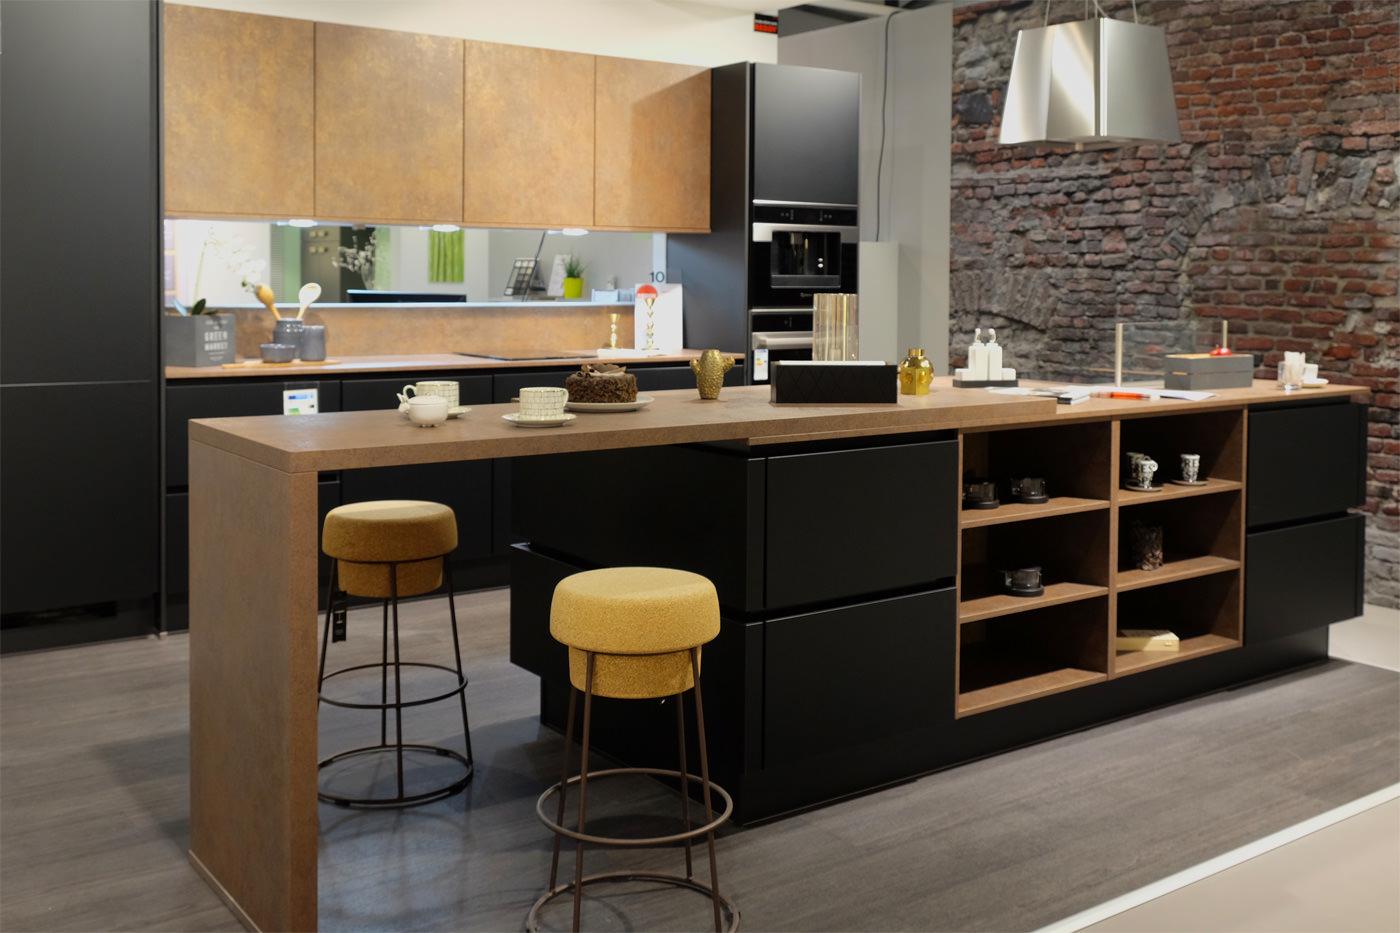 Reddy kuchen mulheim karlich mulheim karlich for Küchenfirmen